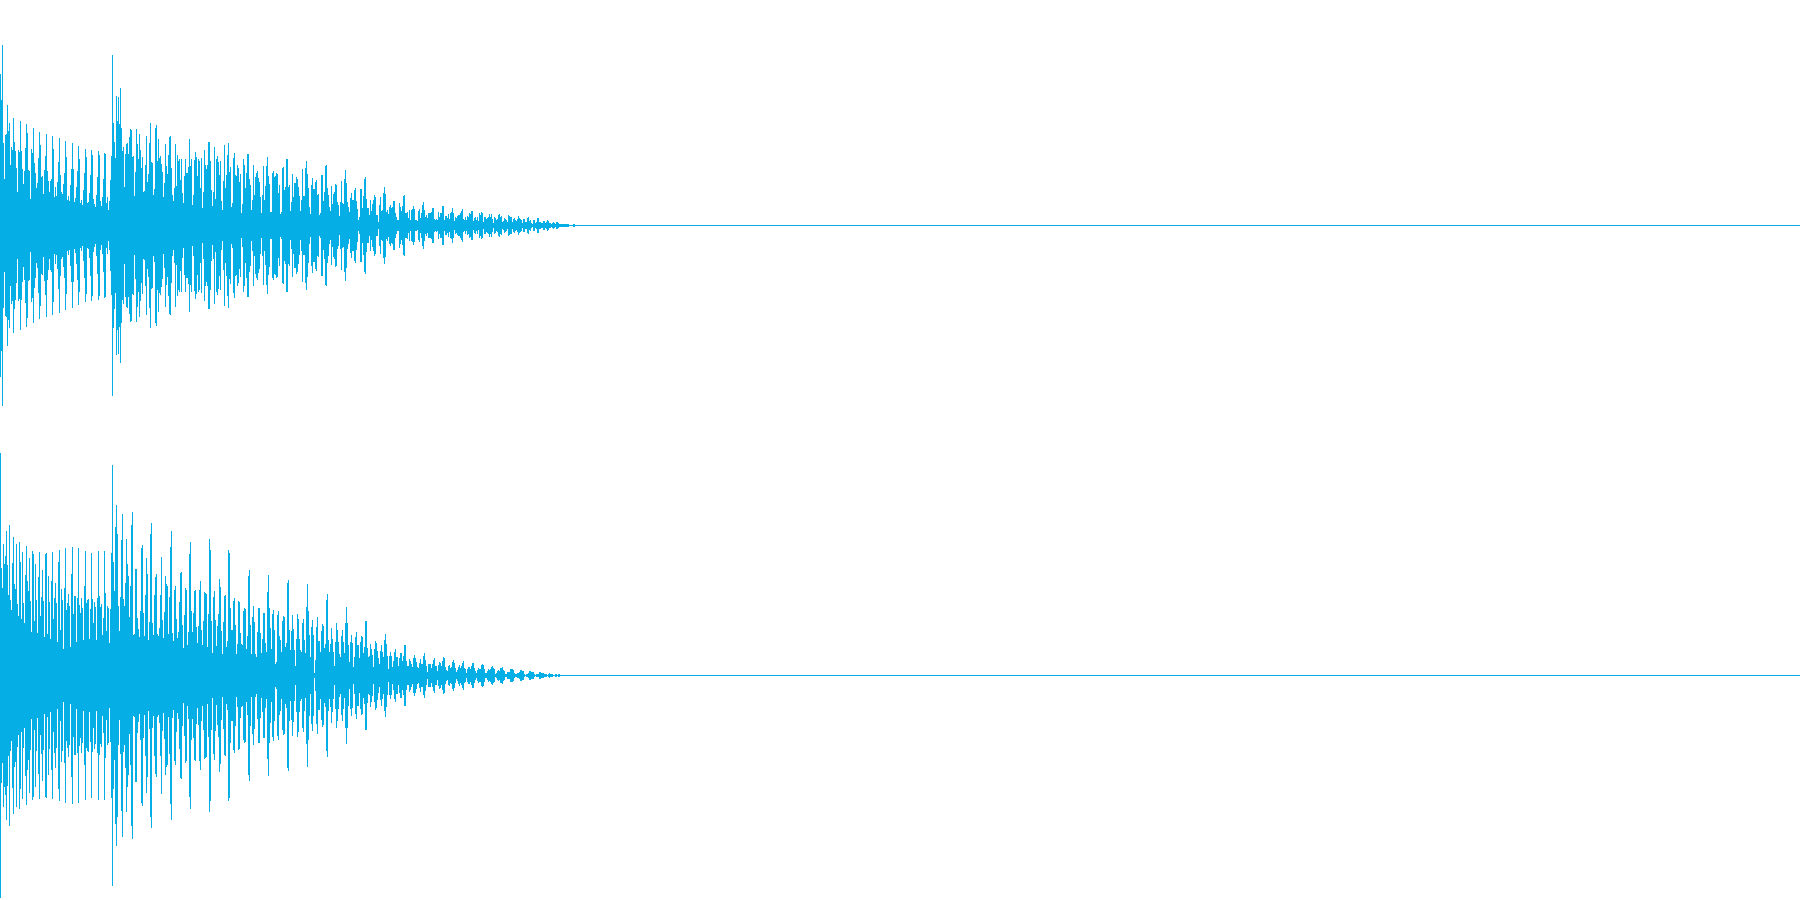 Cursor セレクト・カーソルの音1の再生済みの波形